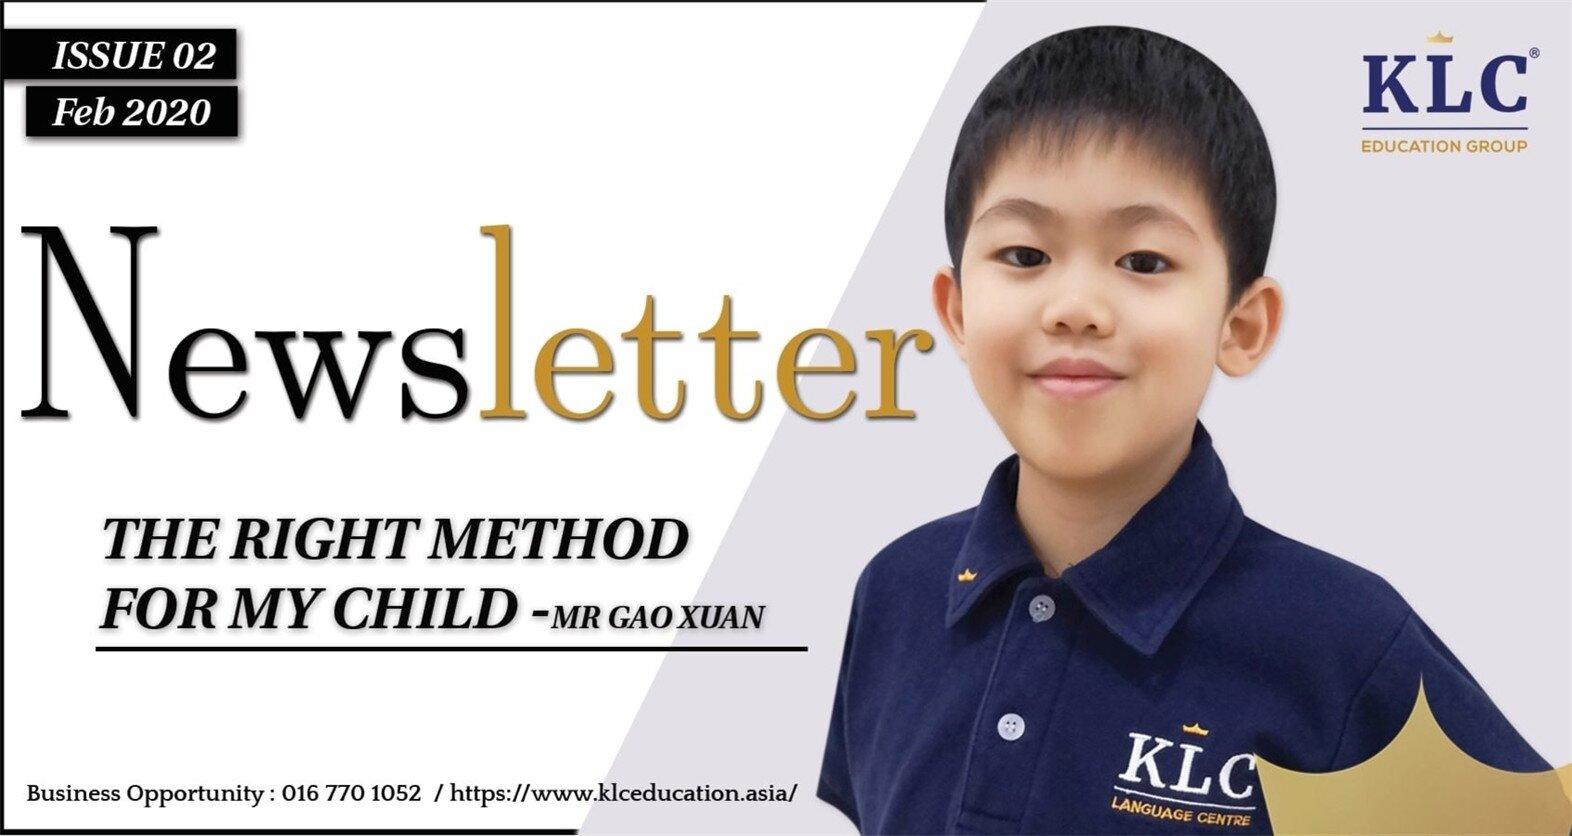 KLC Newsletter February 2020